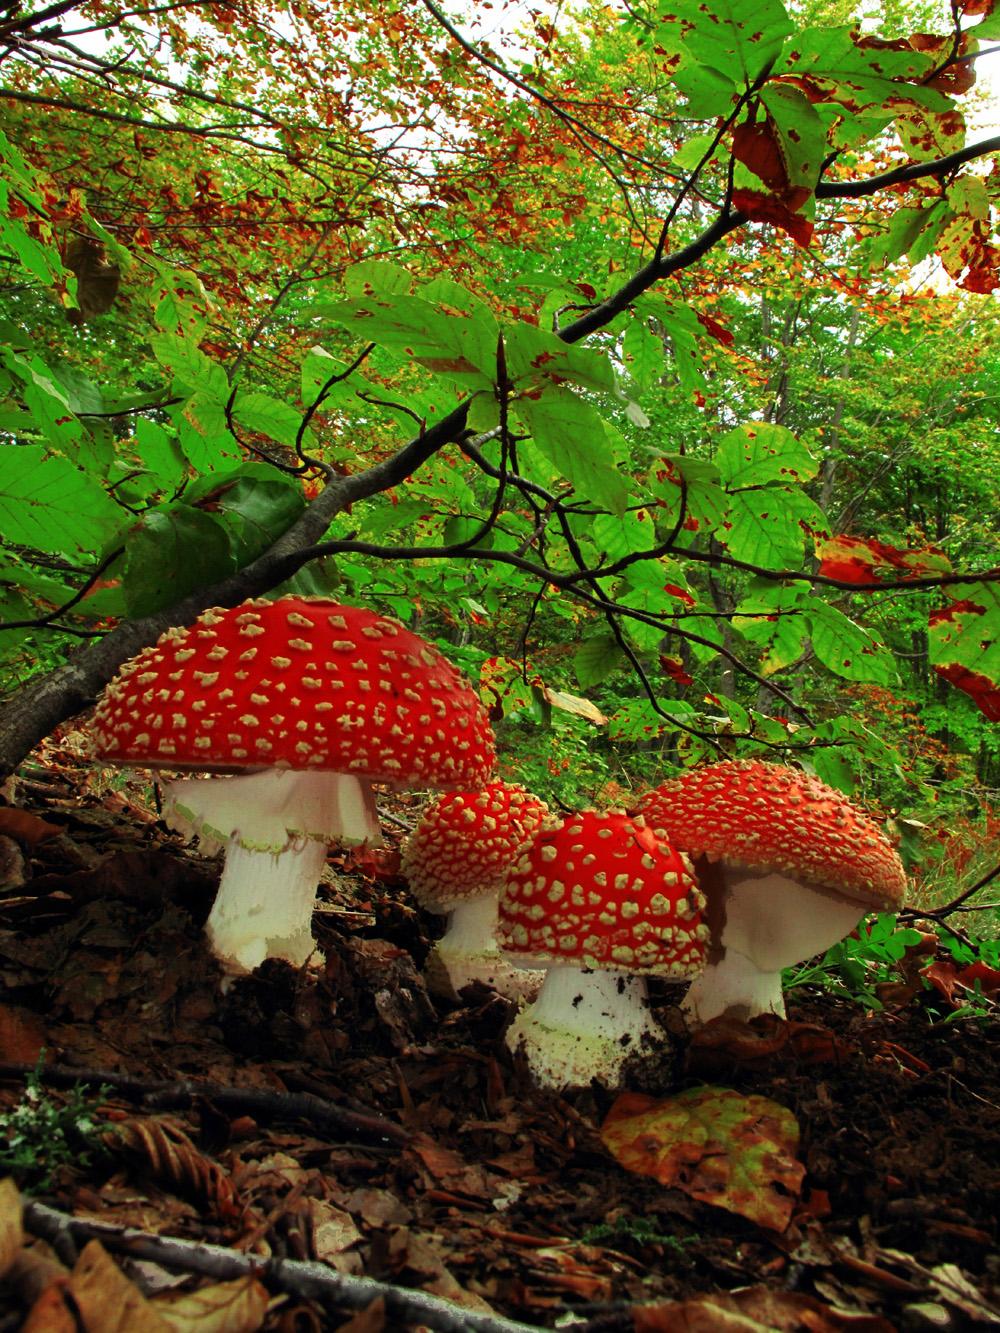 Γρεβενά: Η χώρα των μανιταριών – Δείτε απίστευτες φωτογραφίες από την αναζήτηση και την συλλογή μανιταριών